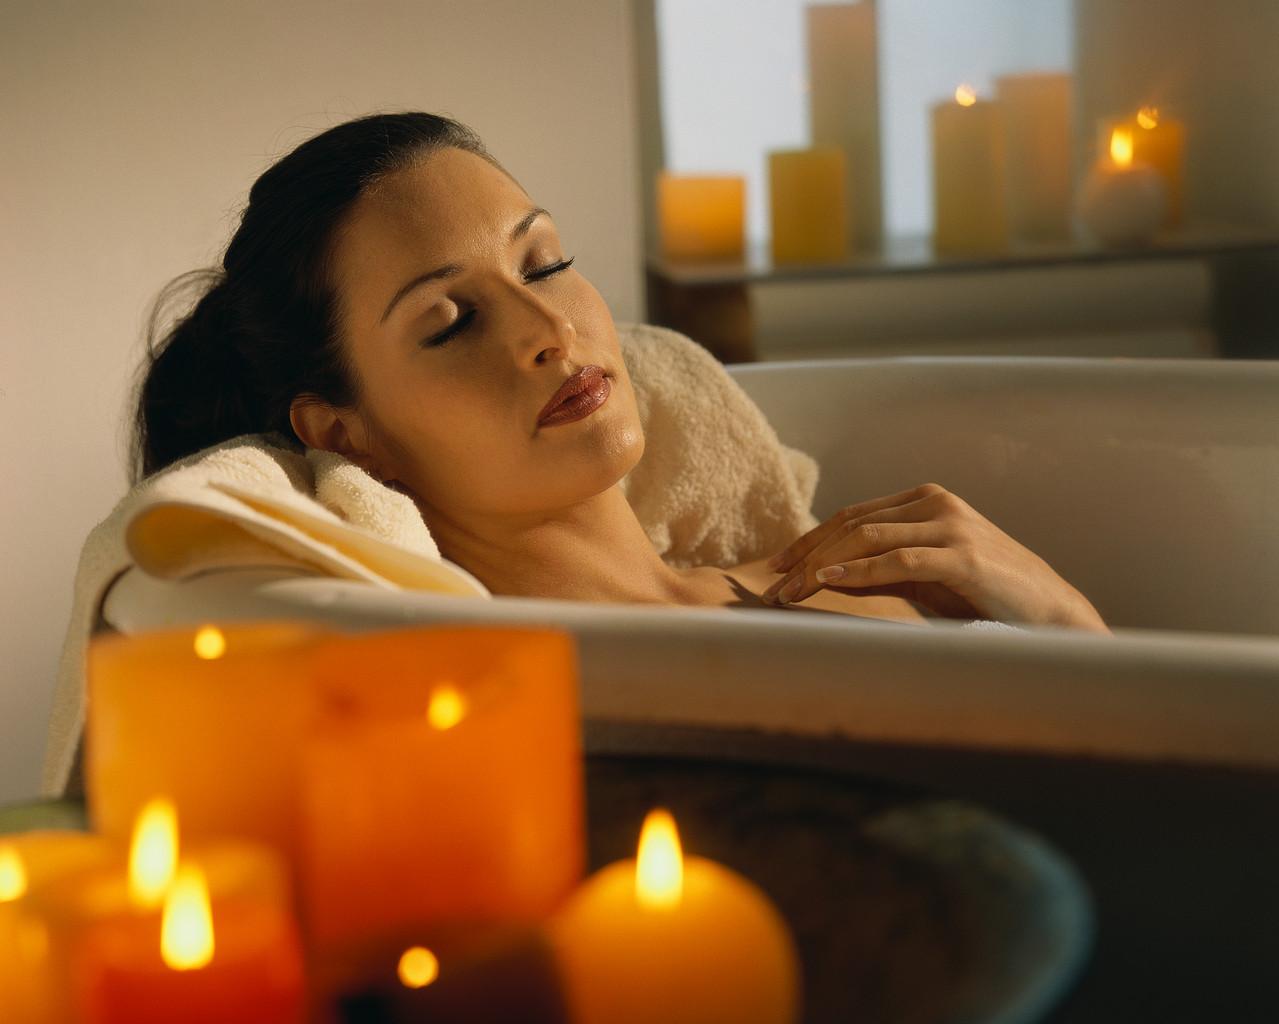 Woman Resting in Bath